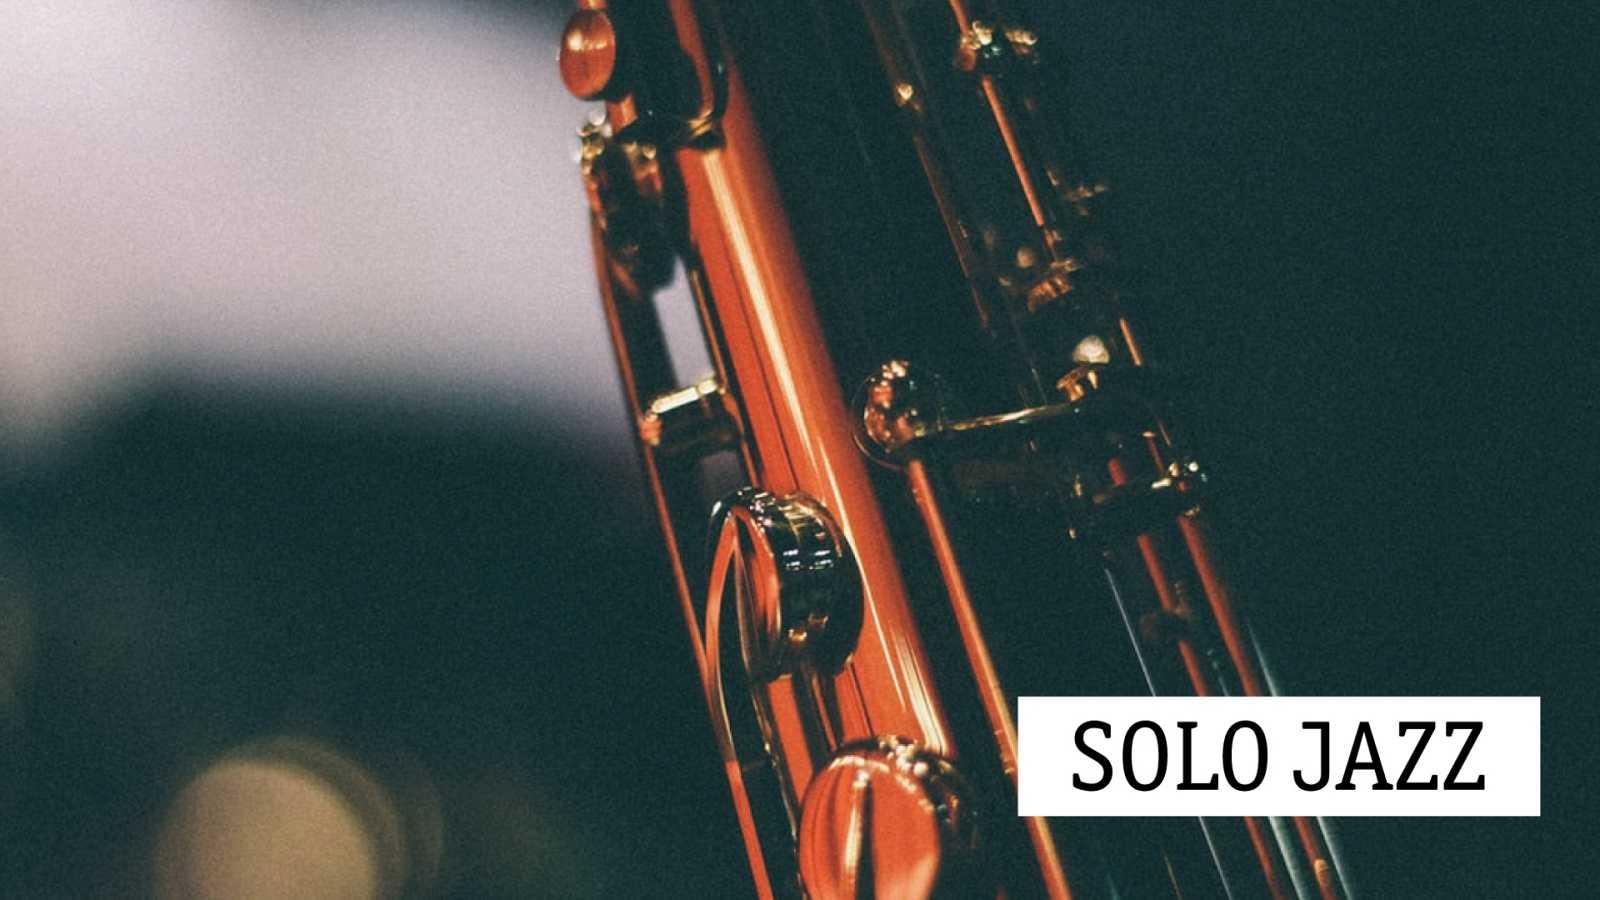 Solo jazz - ¿Qué ha sido de Myra Melford? - 23/04/21 - escuchar ahora